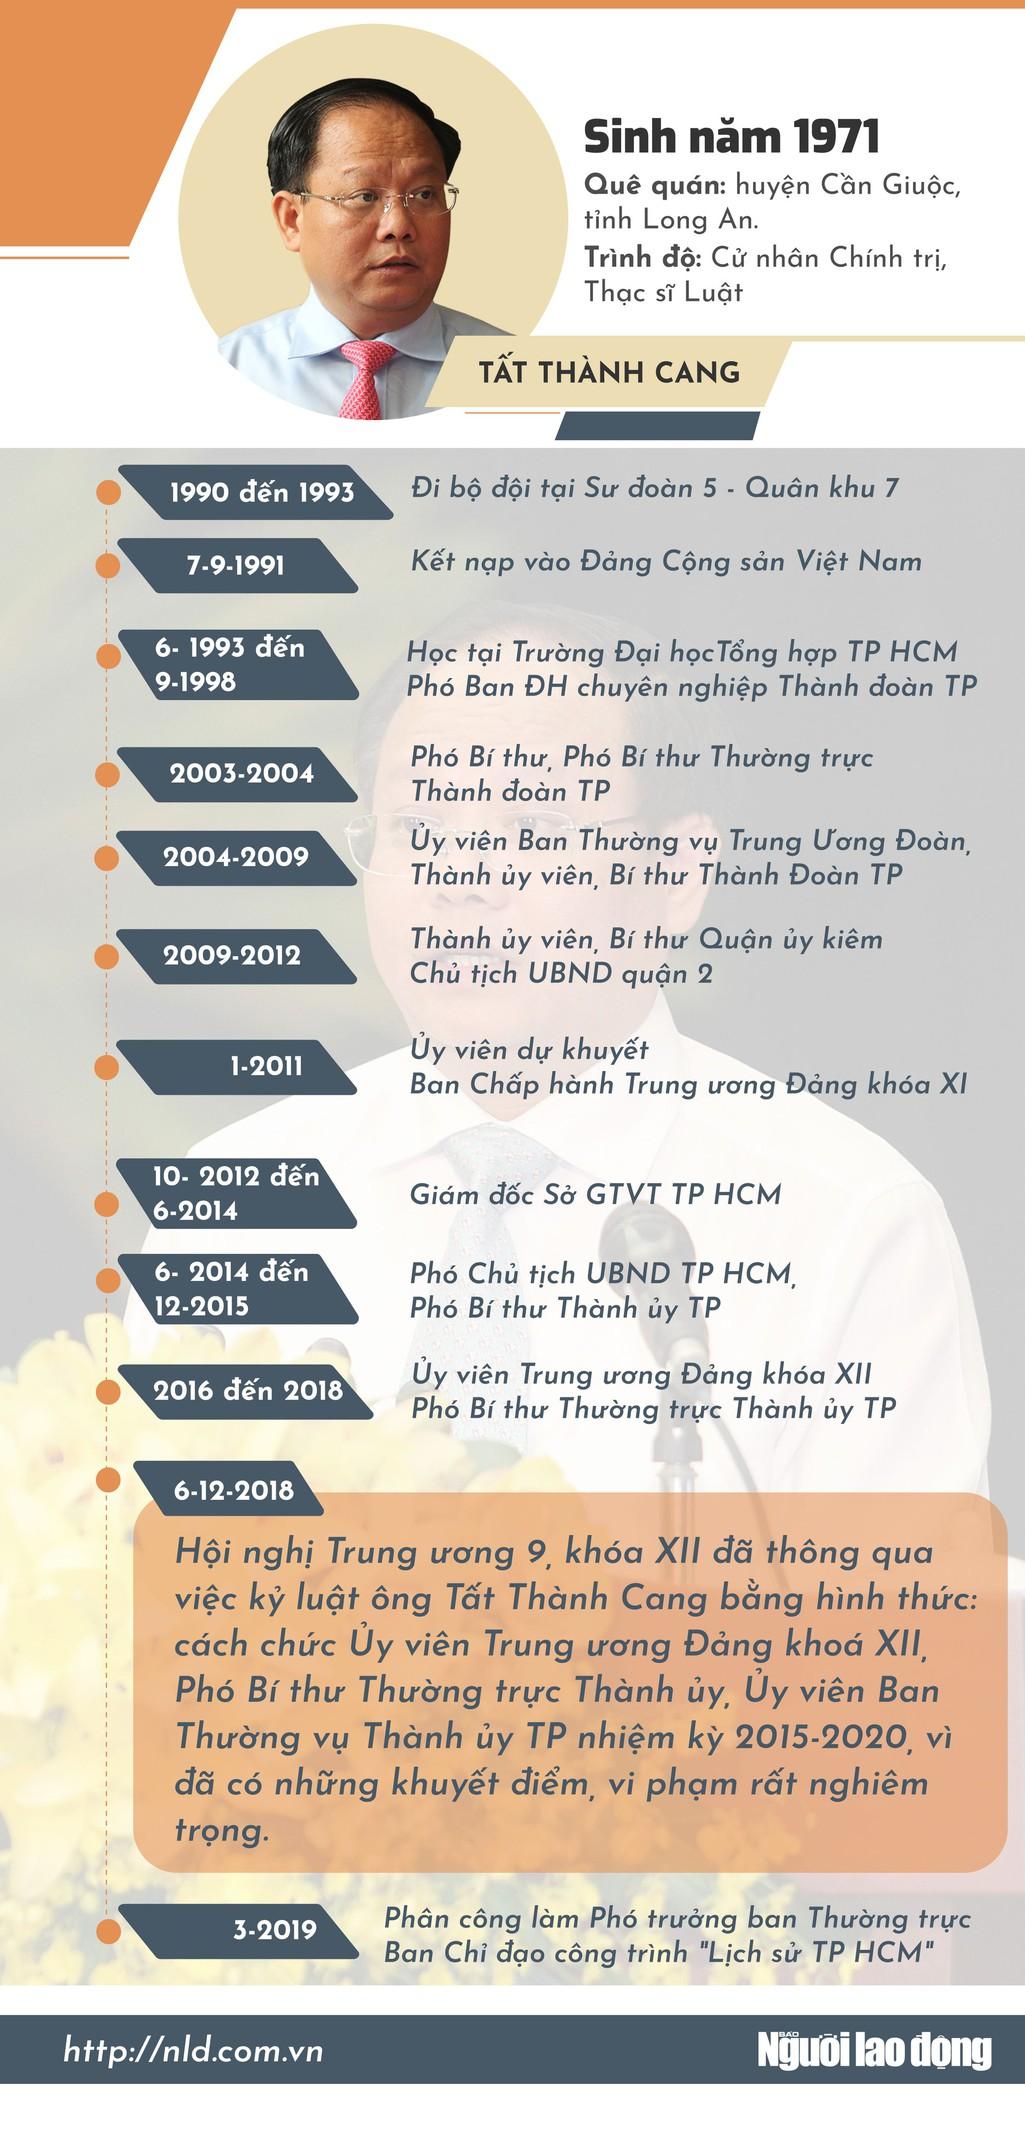 [Infographic] Quan lộ của ông Tất Thành Cang - Ảnh 1.